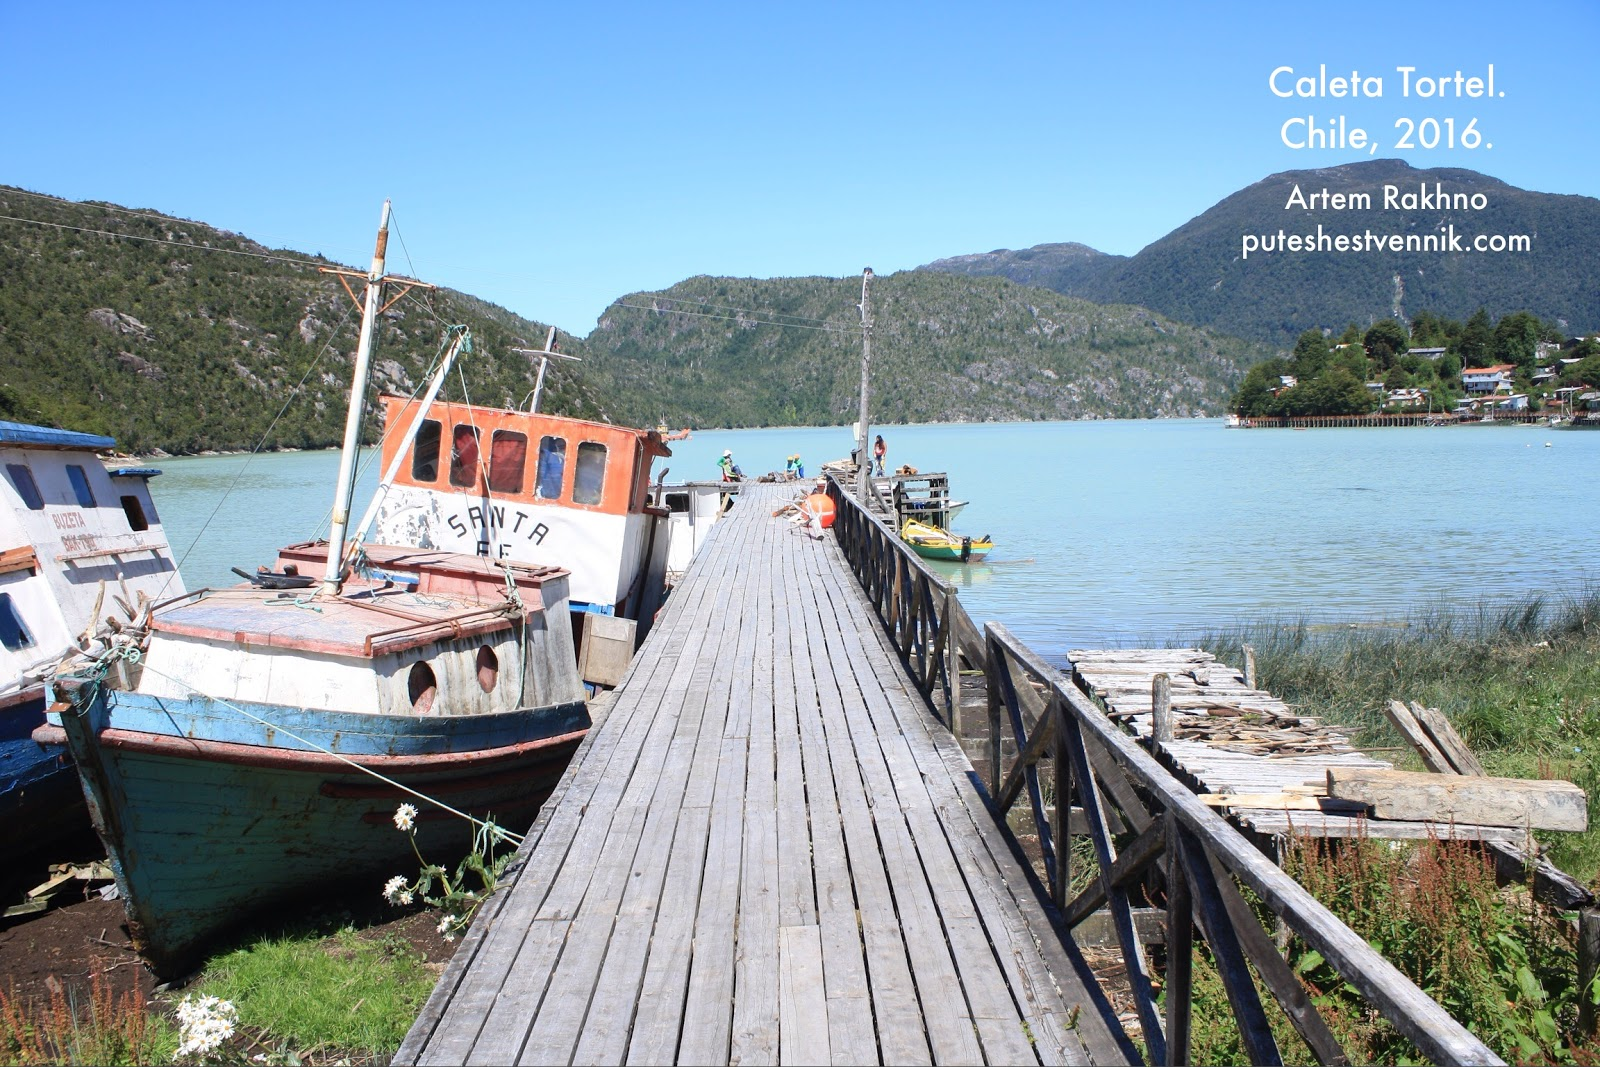 Пристань в деревне Калета Тортел